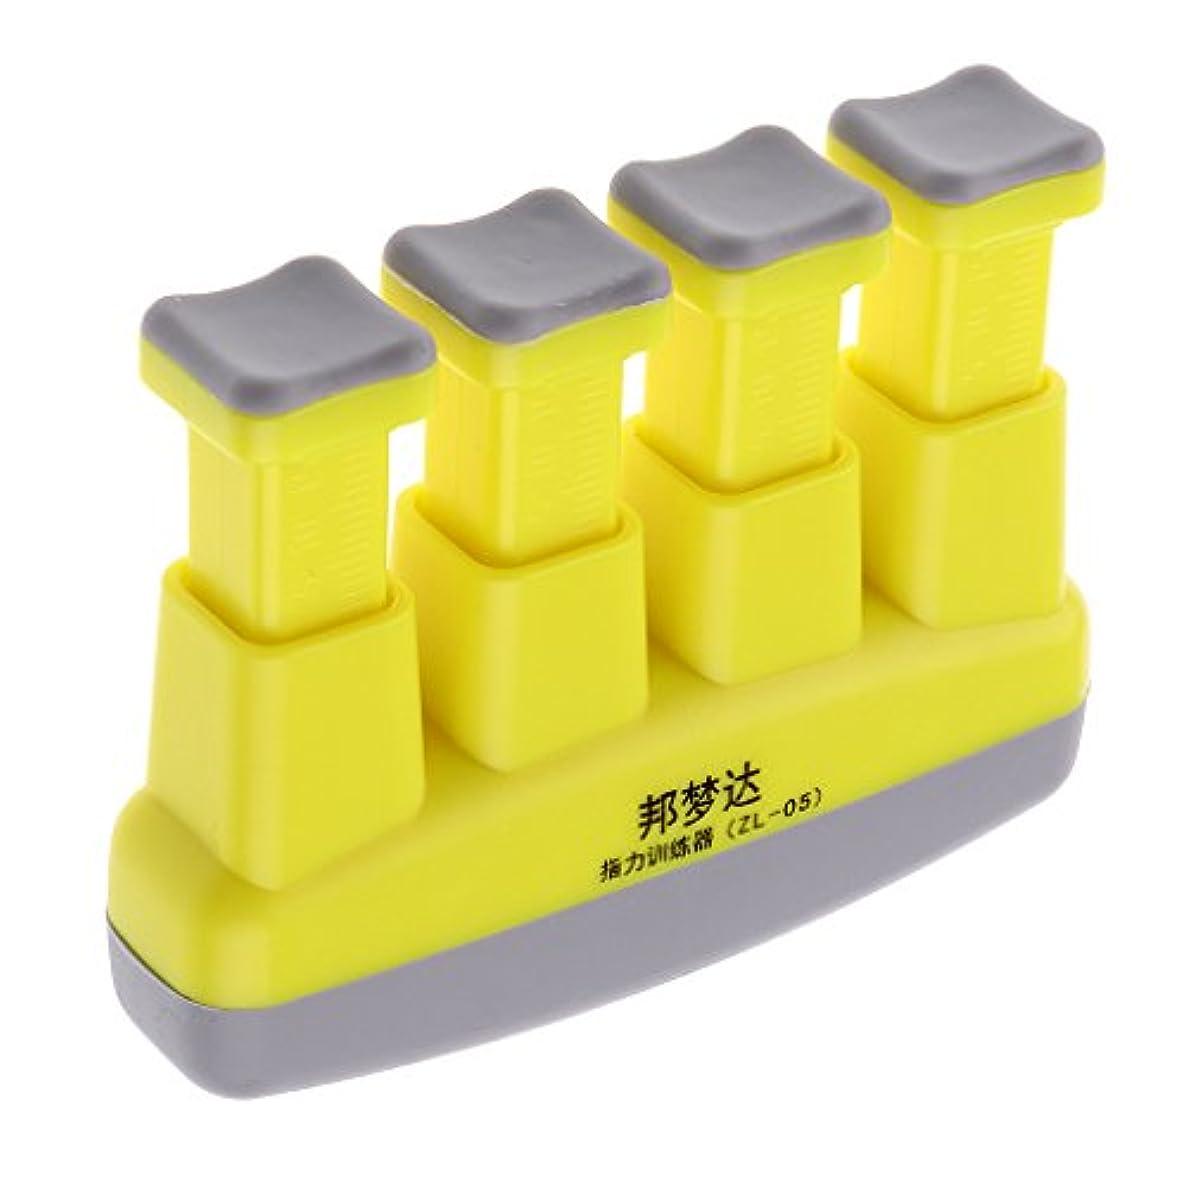 そっと嵐の隠ハンドグリップ エクササイザ 4-6ポンド 調節可 ハンド 手首 腕 グリップ グリッパー 黄色 ABS +シリコン